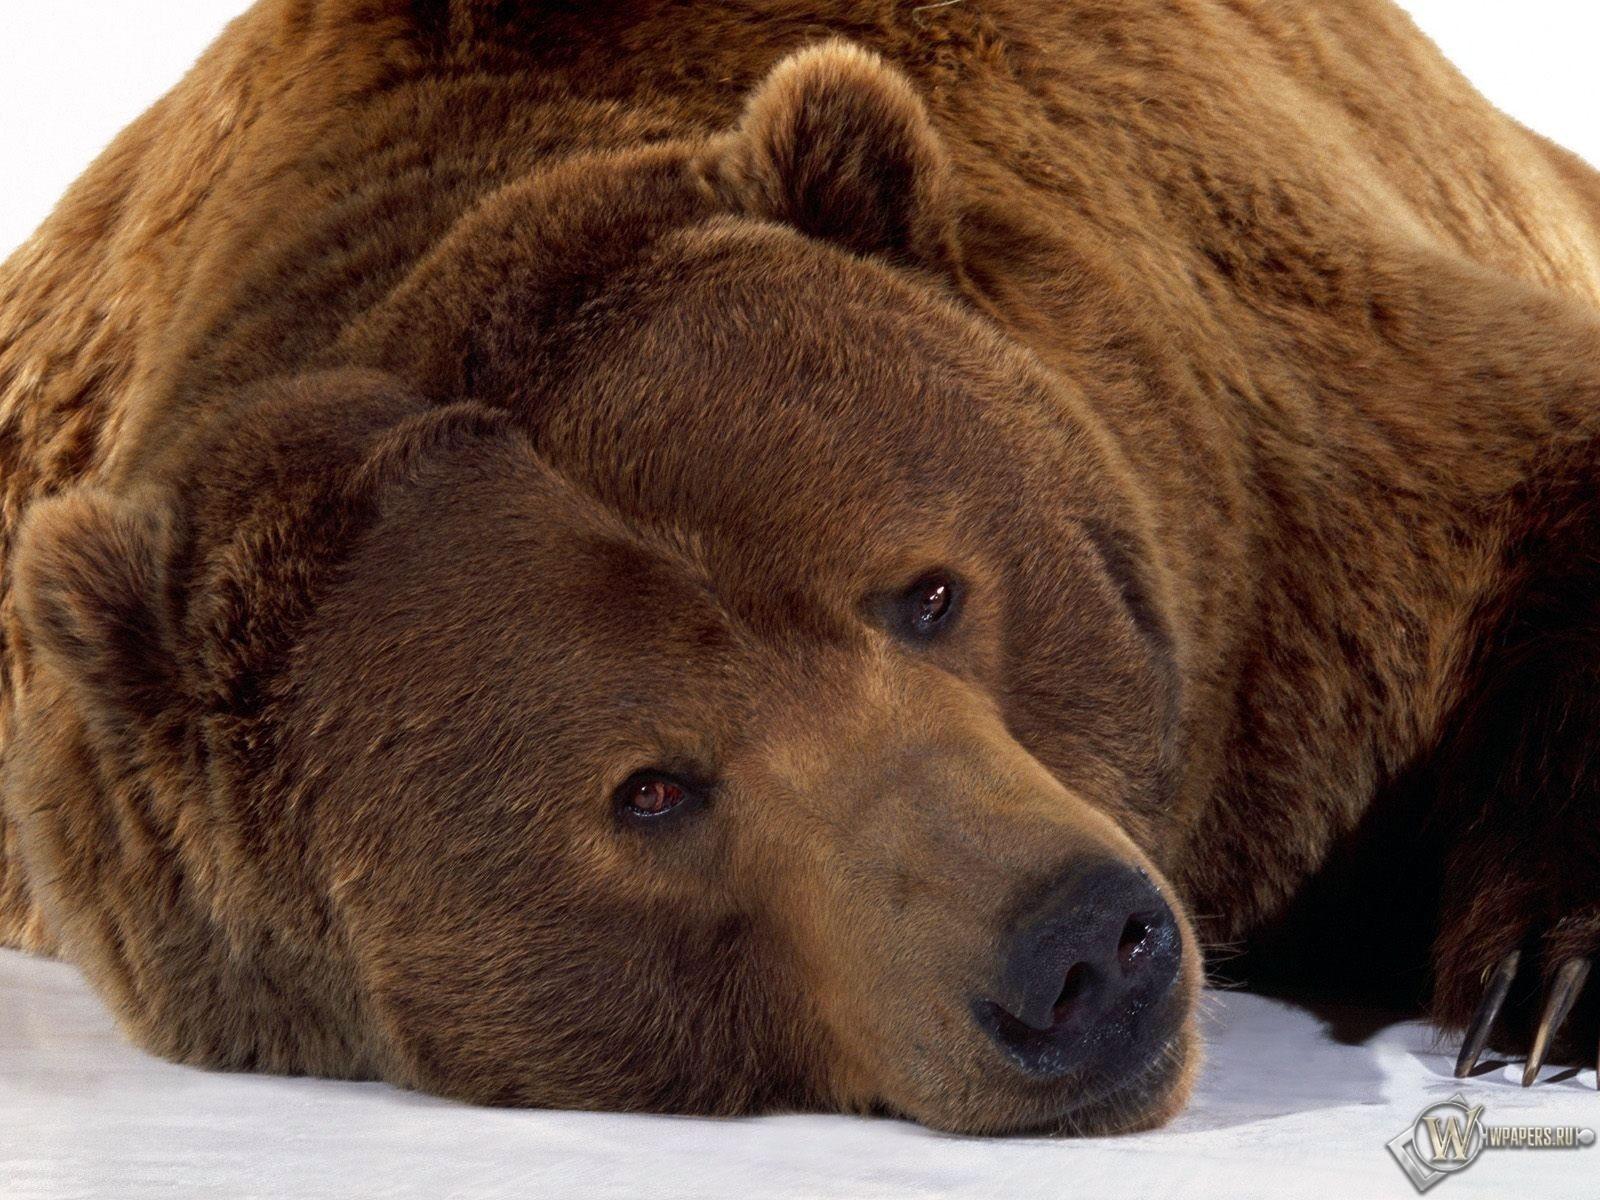 Уставший медведь 1600x1200